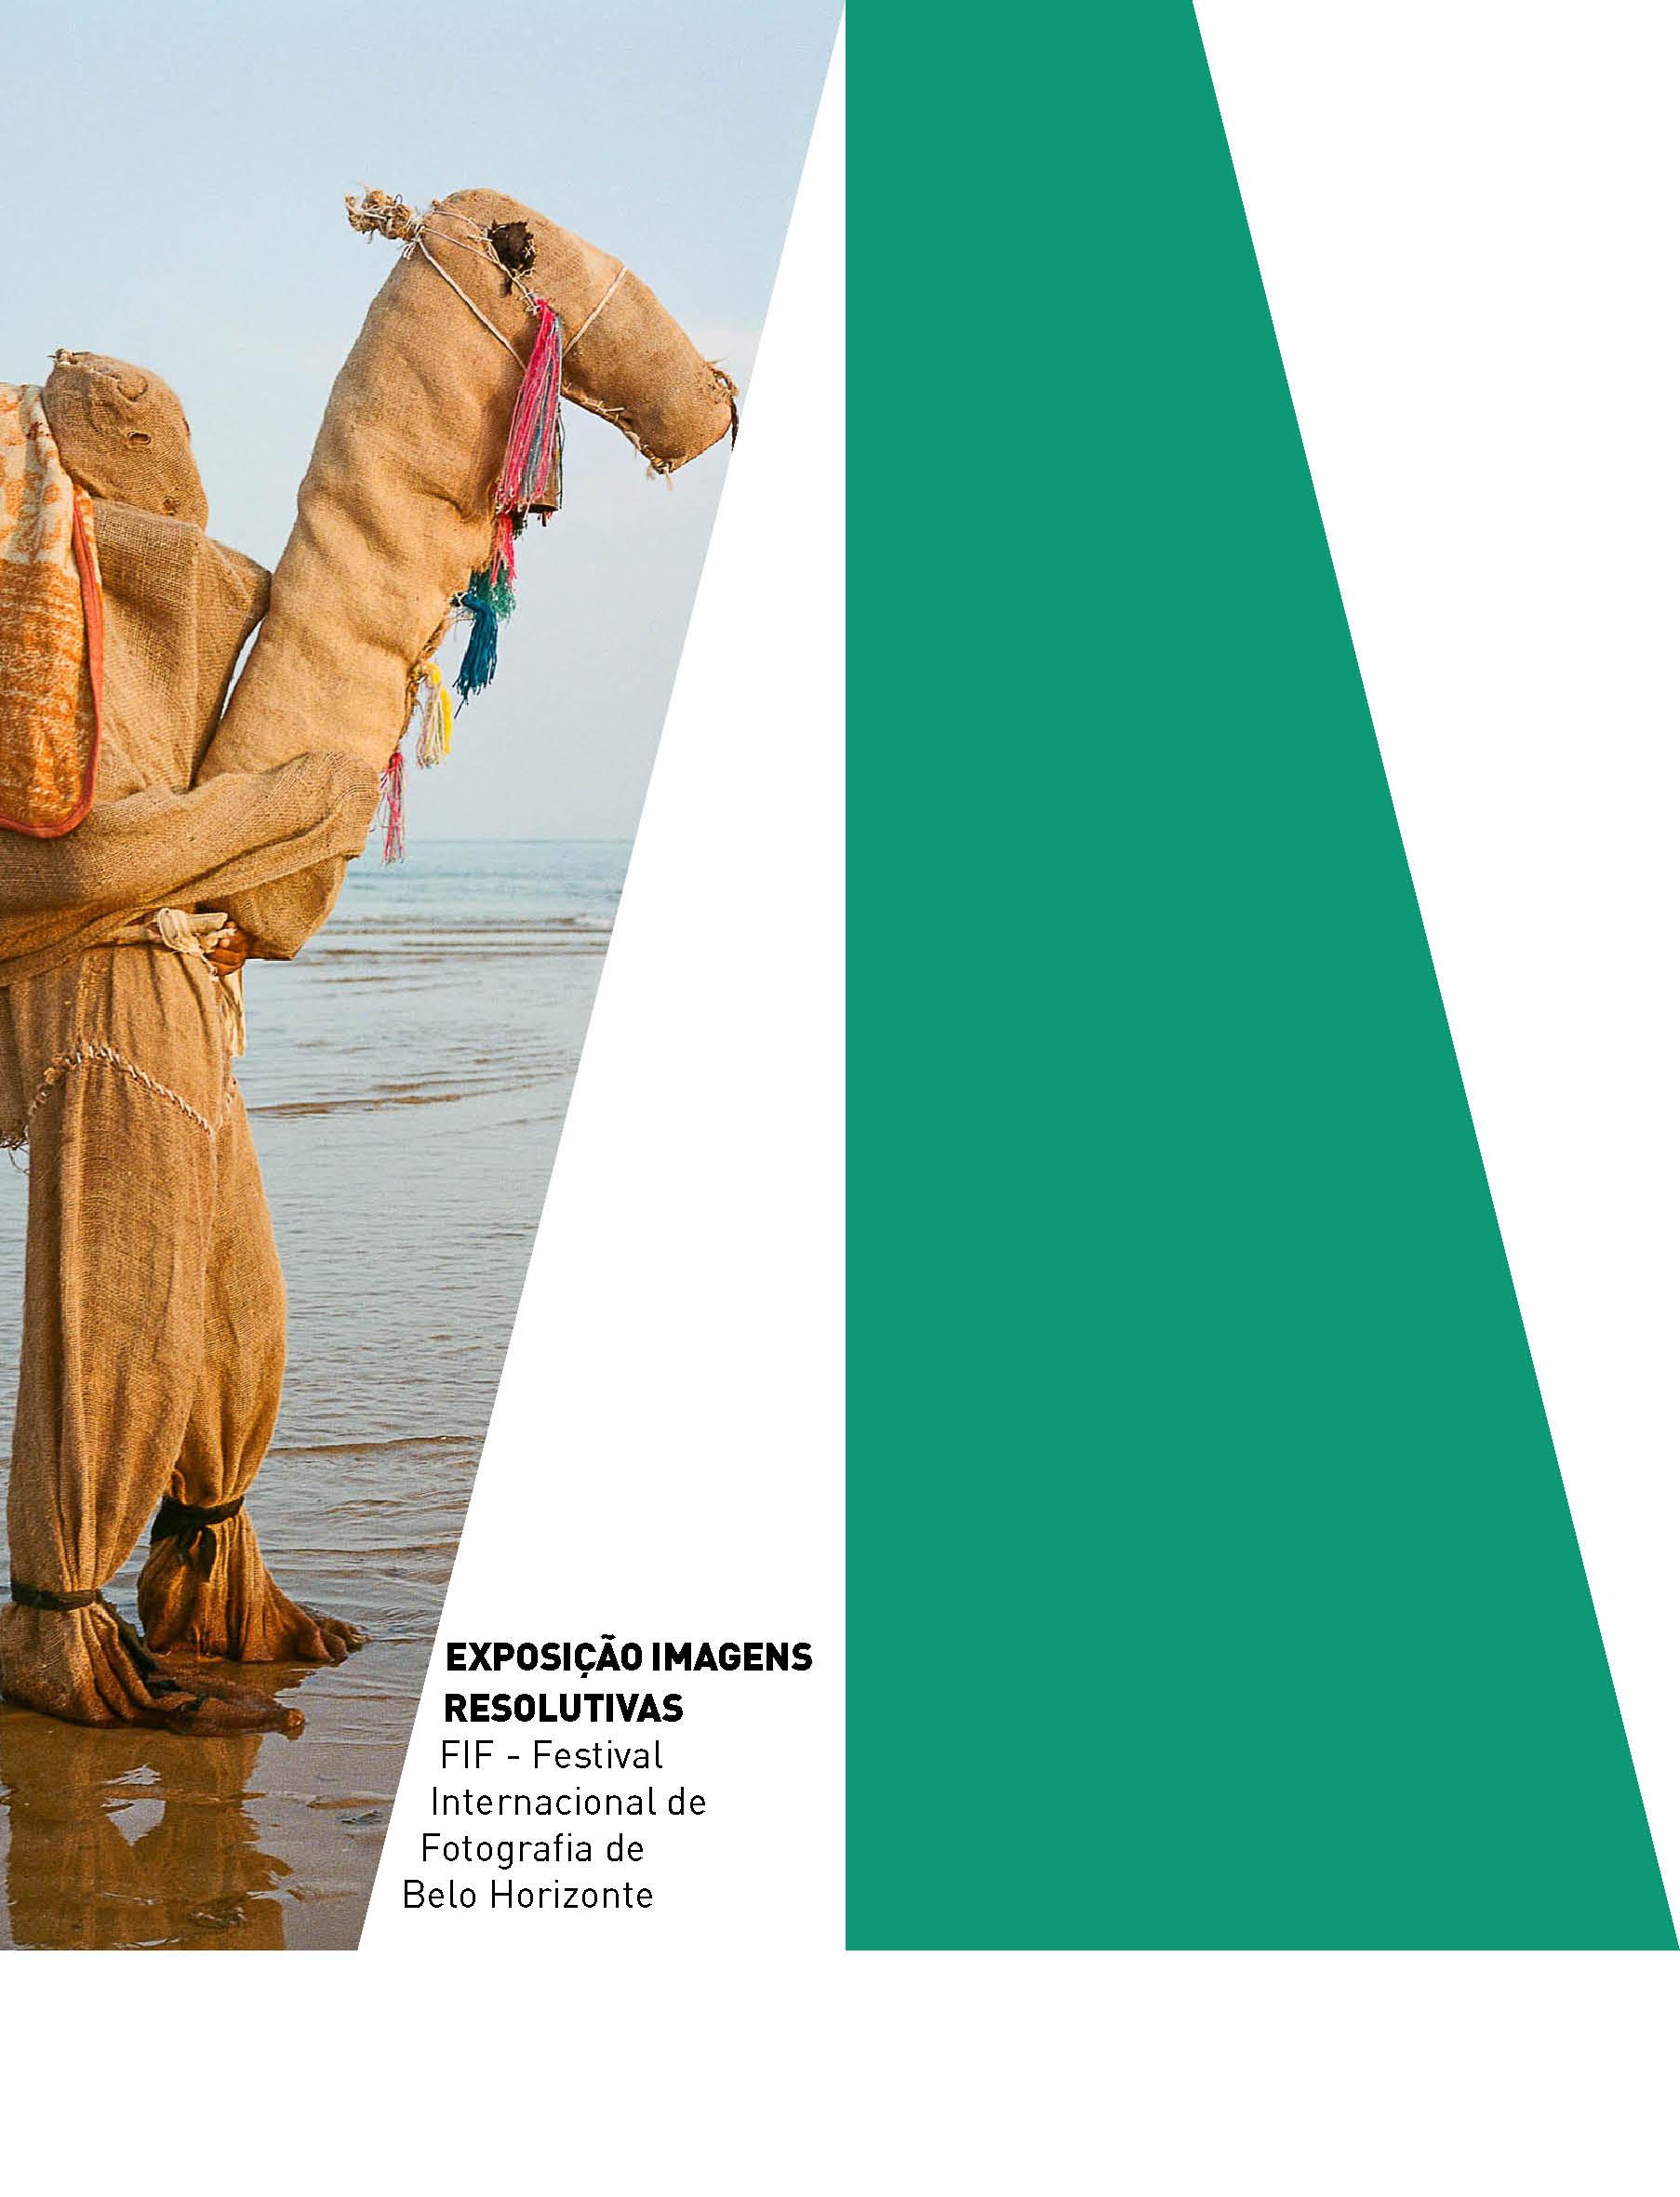 Evento: IMAGENS RESOLUTIVAS | 4º Festival Internacional de Fotografia de Belo Horizonte (FIF-BH)